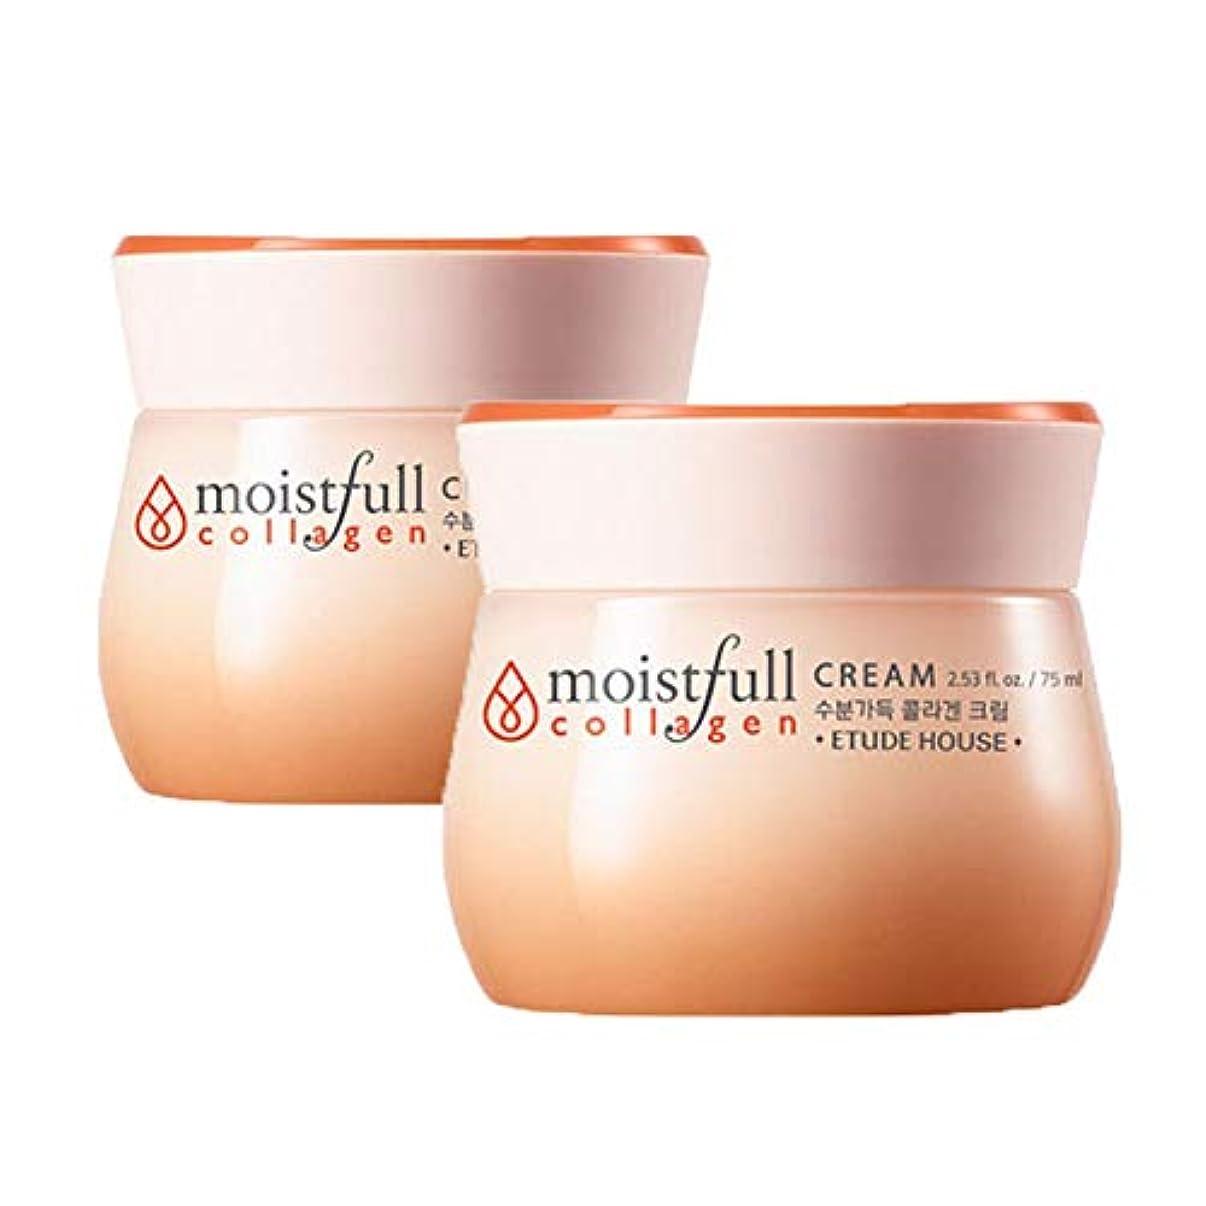 削減手ヘビエチュードハウス水分いっぱいコラーゲンクリーム 75mlx2本セット韓国コスメ、Etude House Moistfull Collagen Cream 75ml x 2ea Set Korean Cosmetics [...